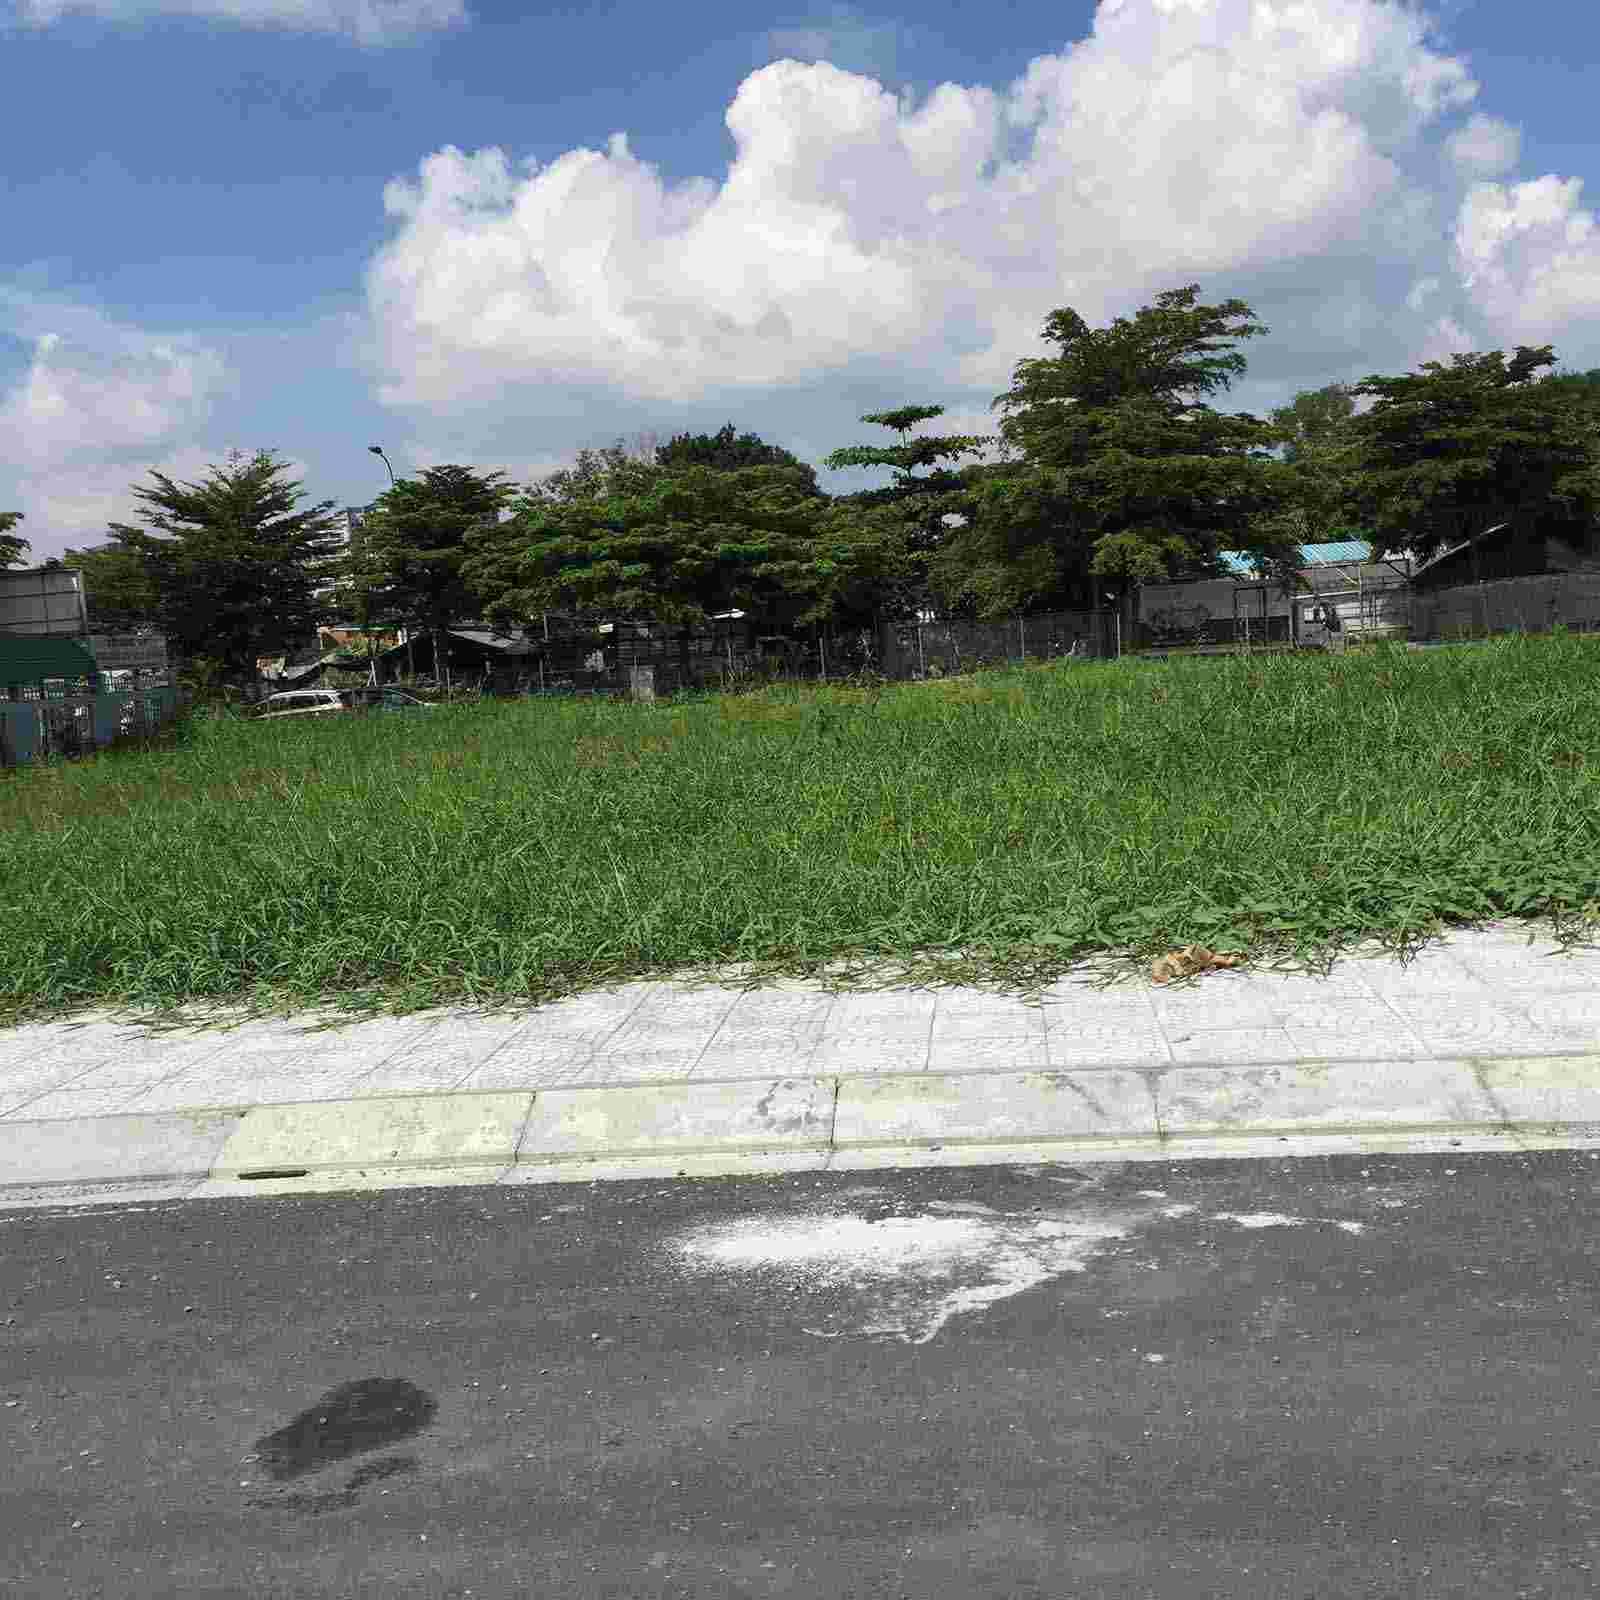 Bán đất dự án Thái Sơn 1, giá HOT, giá tốt nhất thị trường giá 57tr/m2, diện tích 250m2, đang làm sổ đổ. LH: 0913.050.053  Mr Huynh.